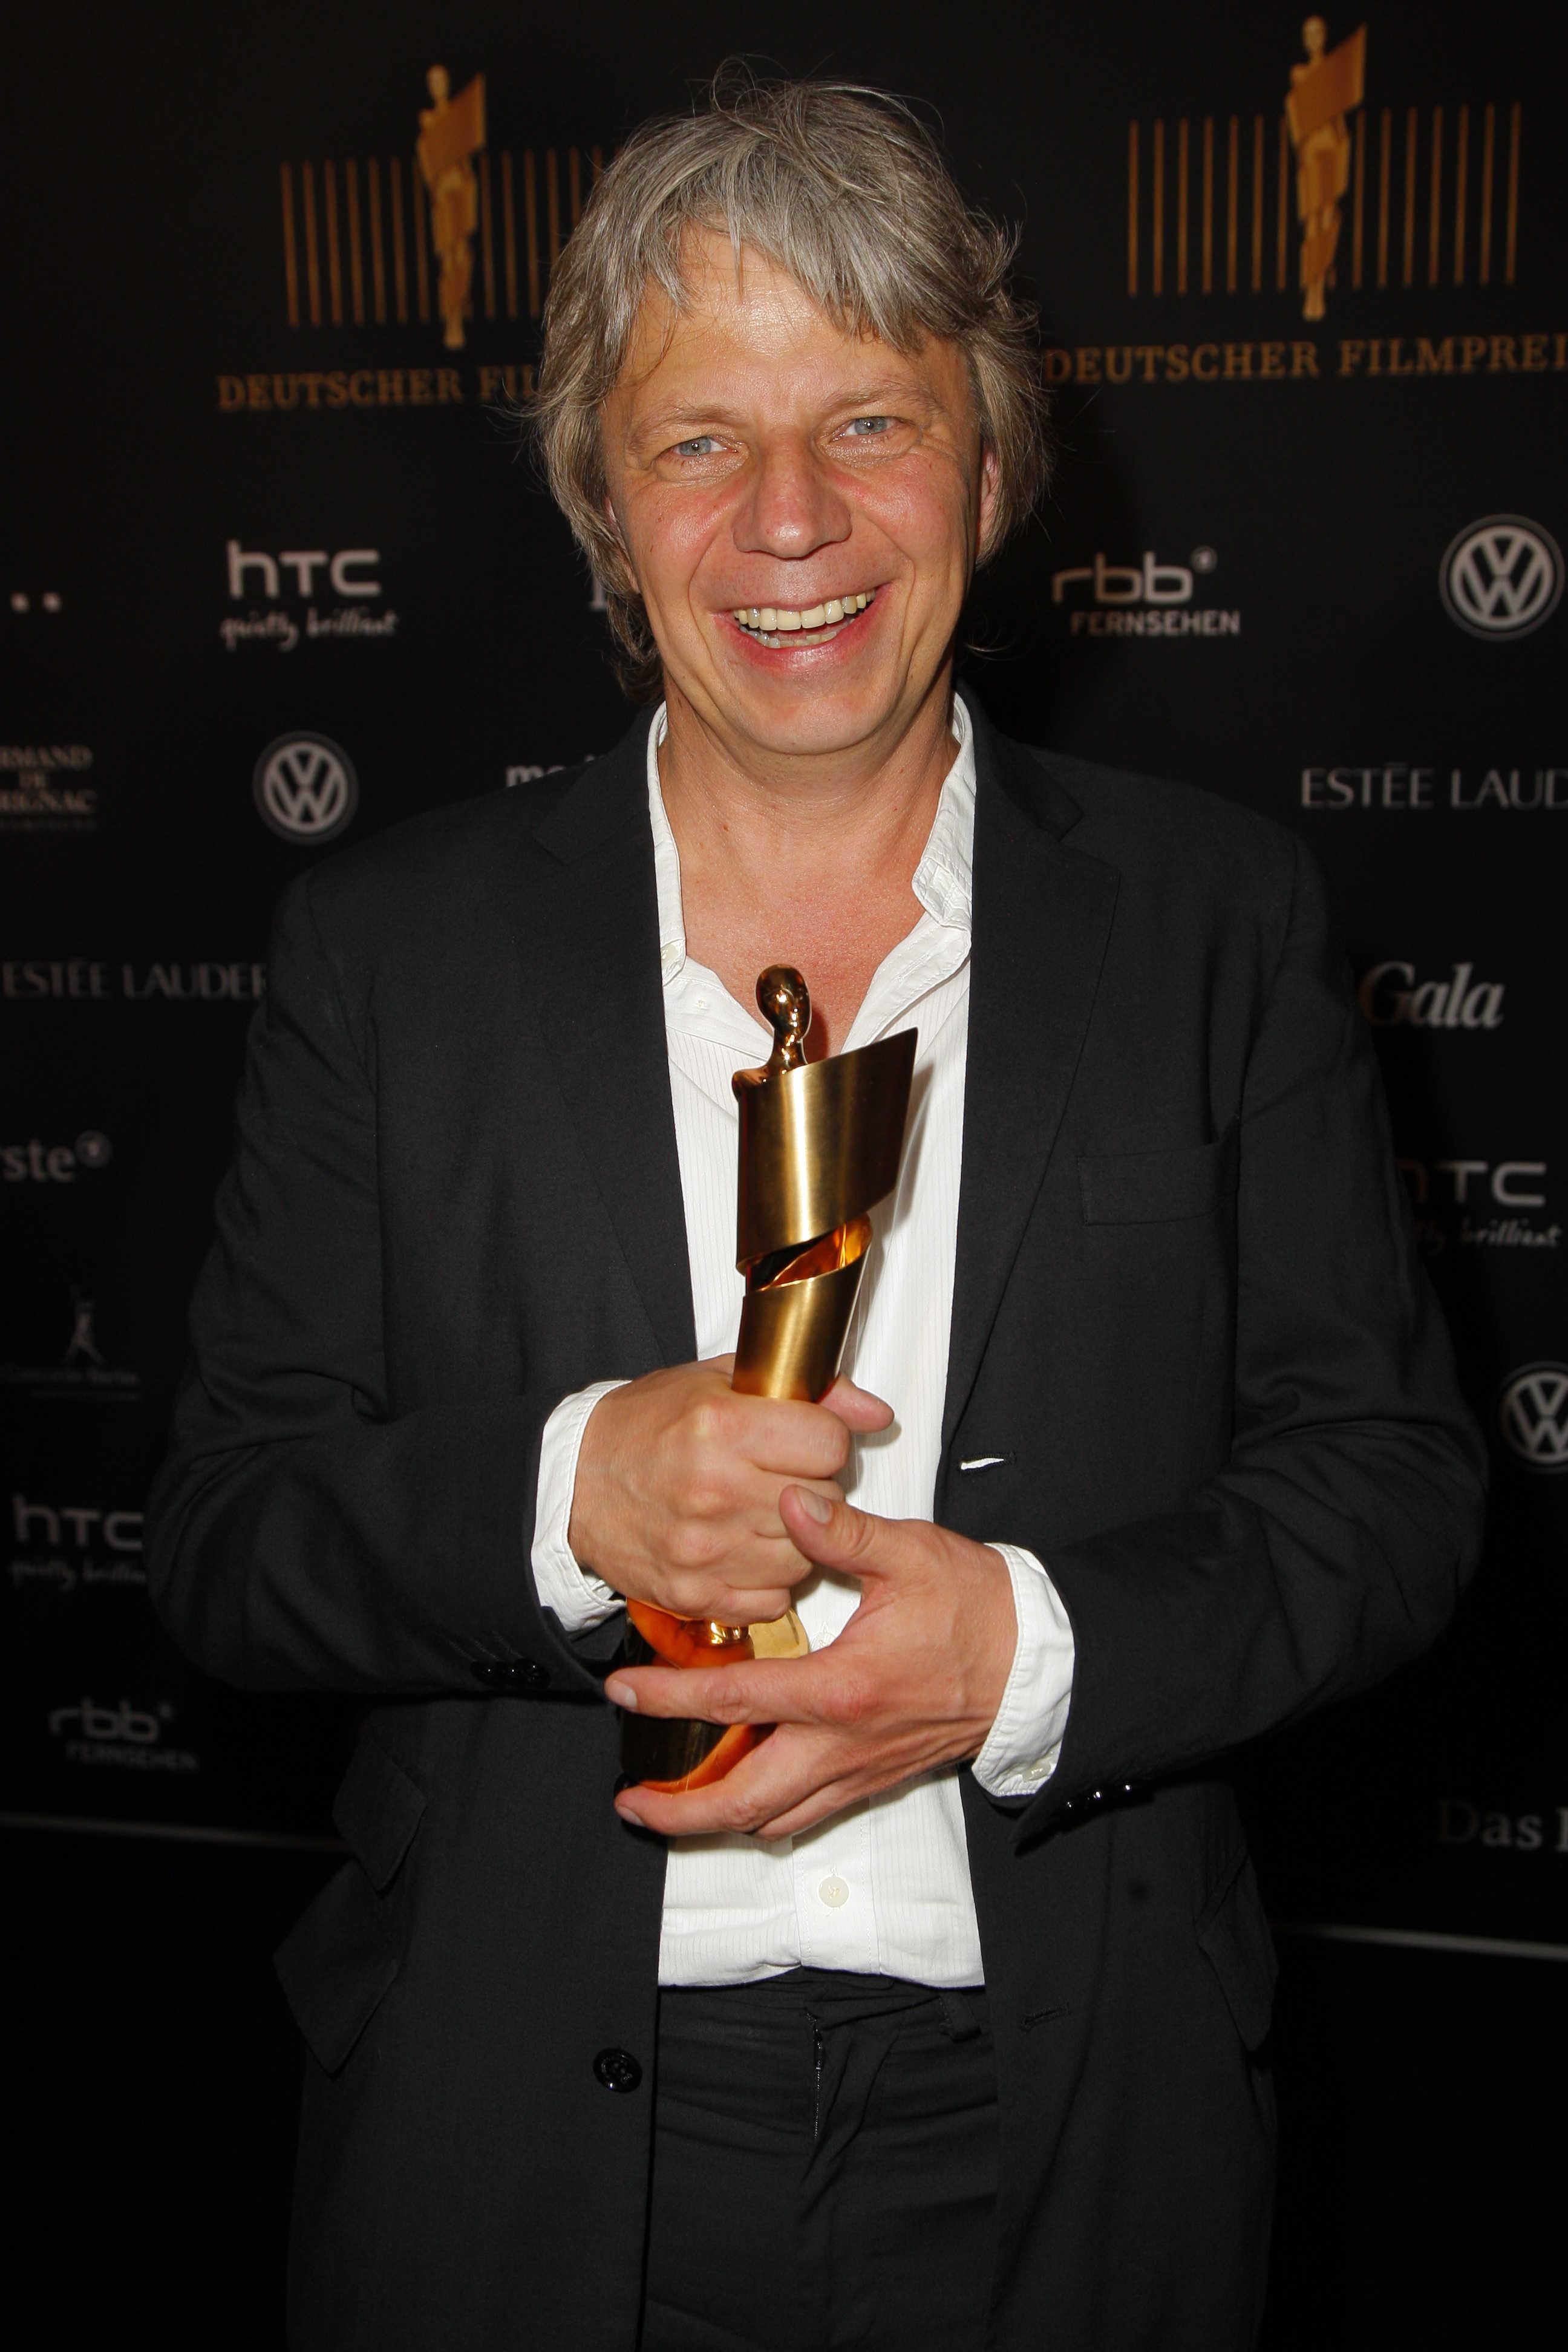 Andreas Dresen Deutscher Filmpreis 2012